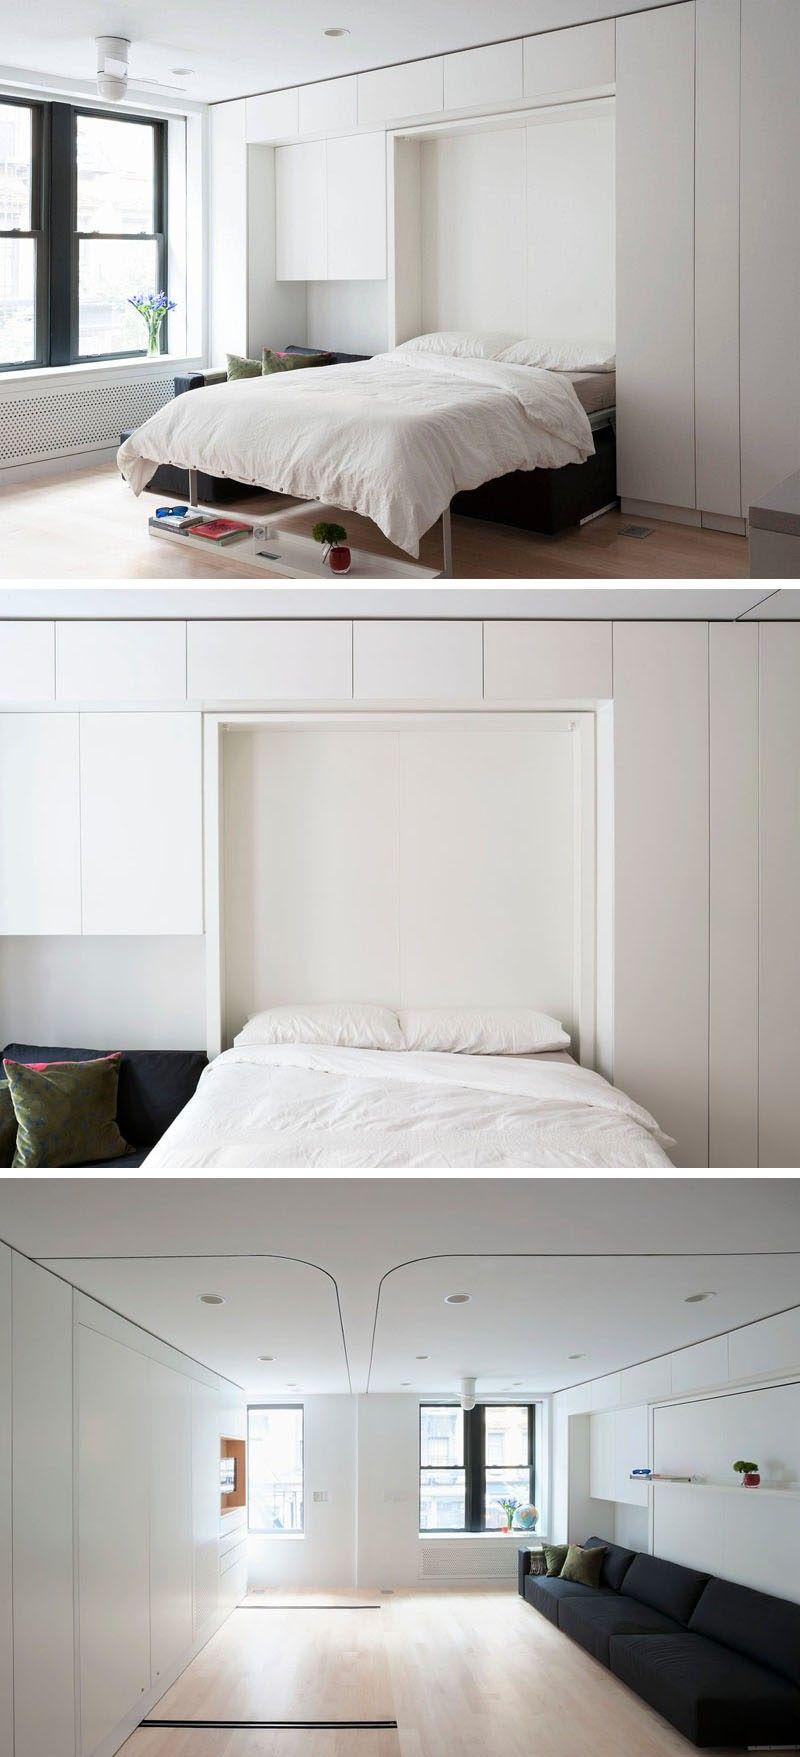 Schlafzimmer Design Ideen 8 Möglichkeiten, Erstellen Die Ultimative  Surround Mit Bettkästen / / Store Ihr Bett, Wenn Sie Auf Raum Wirklich  Dicht Sind Ein ...